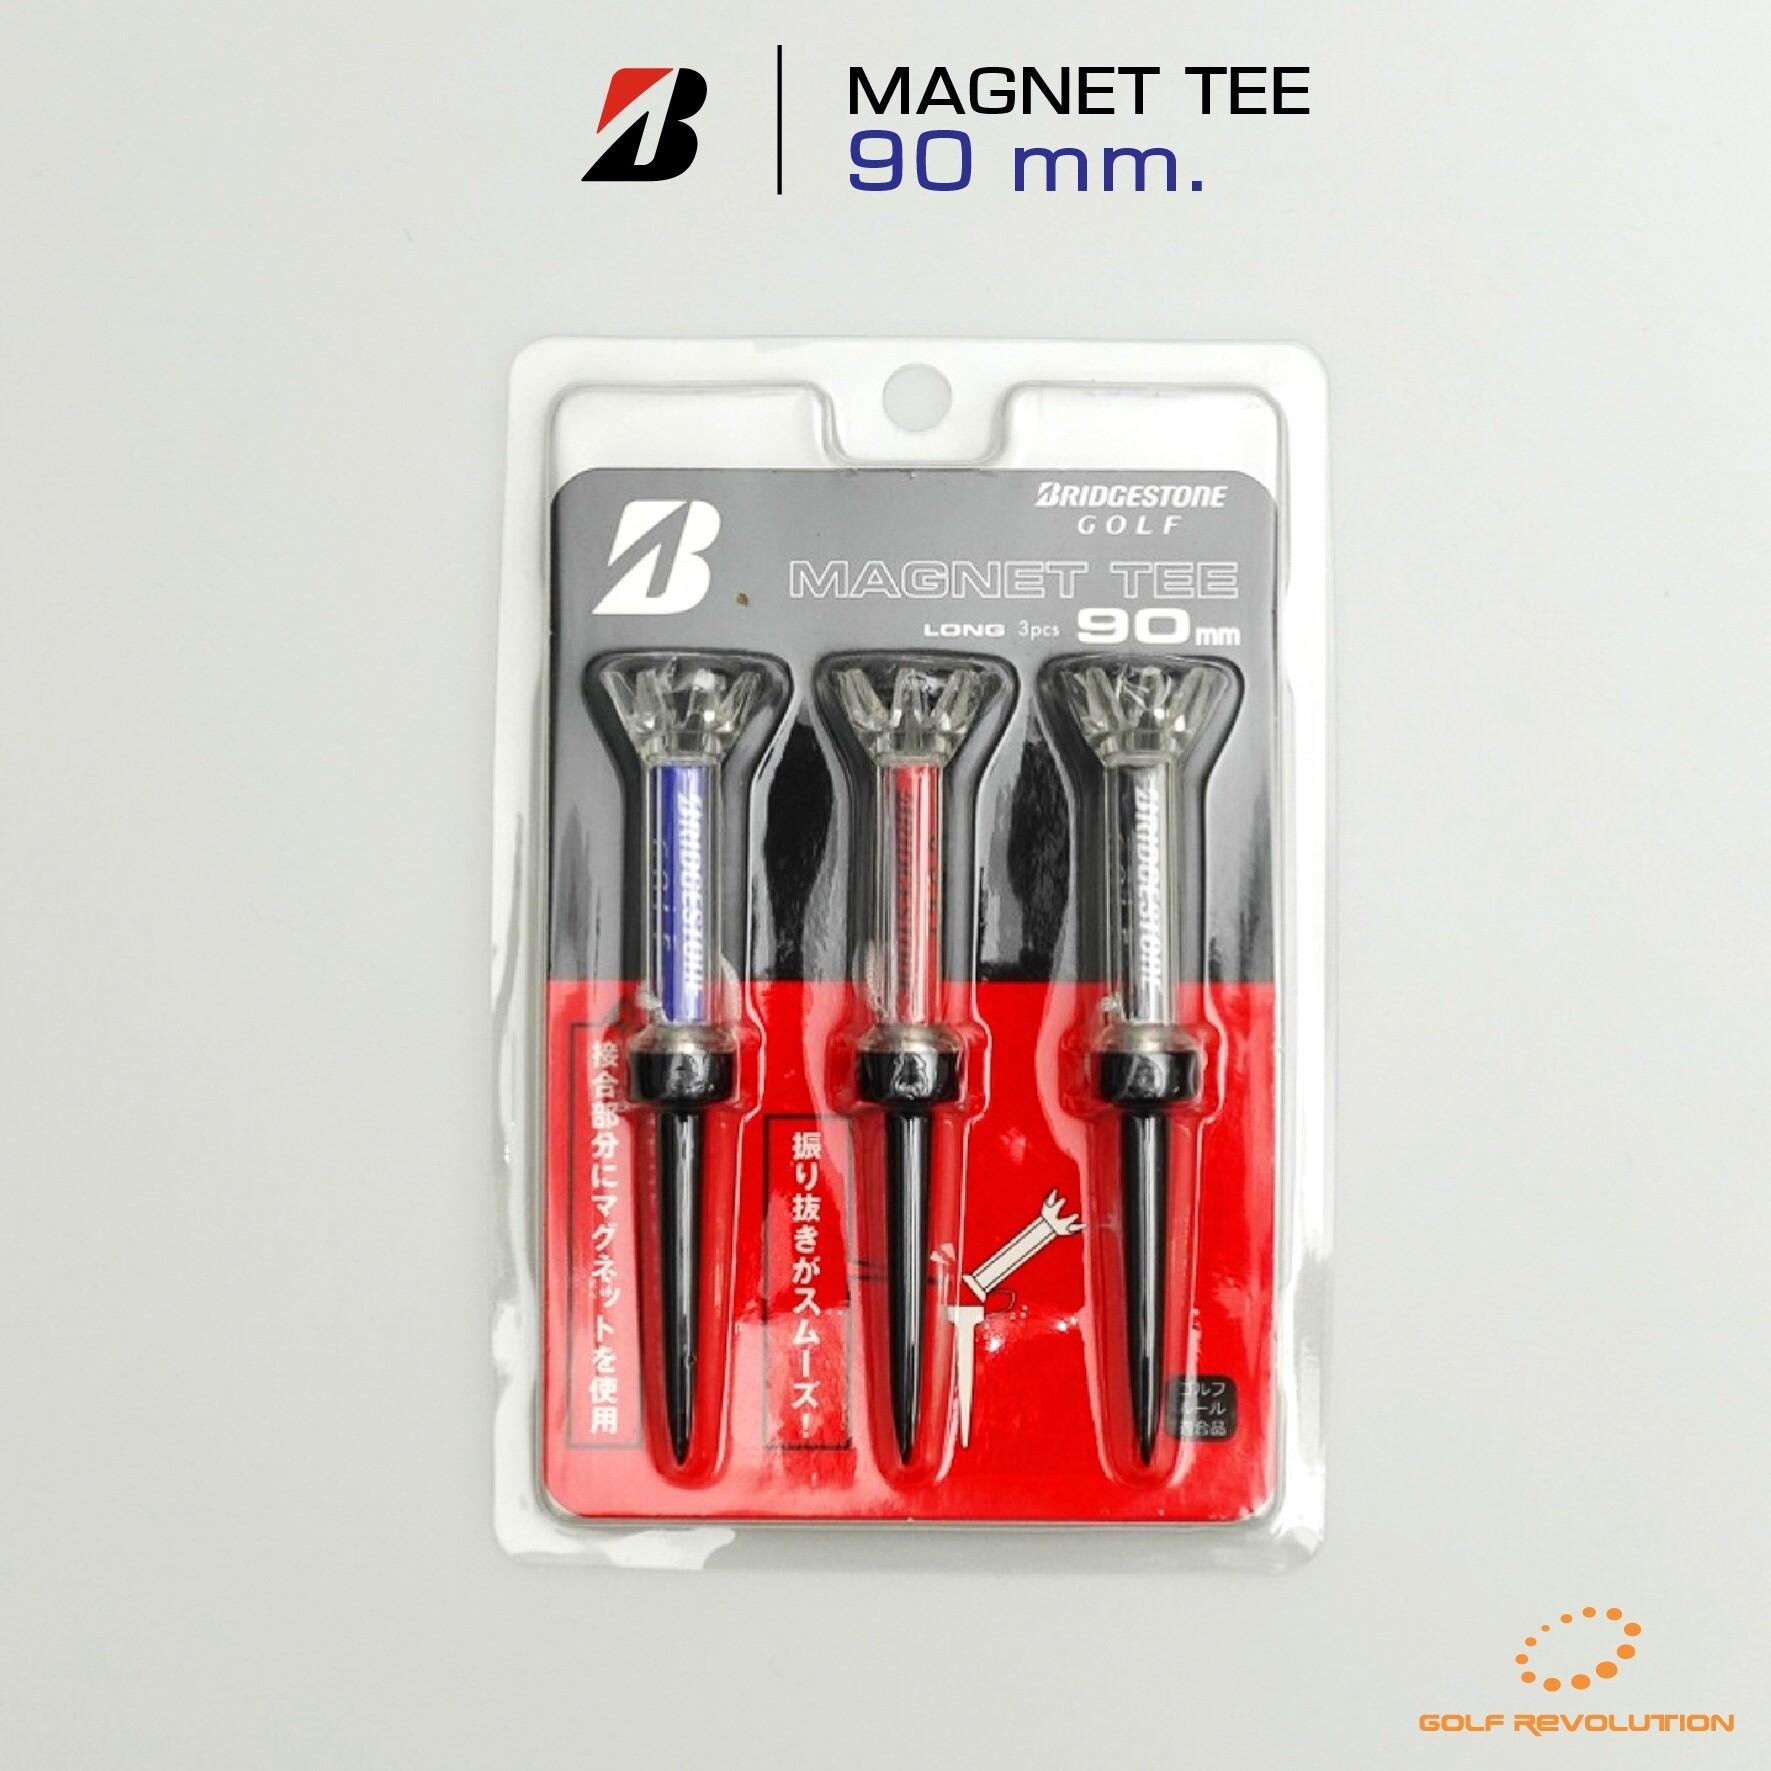 ที่ตั้งลูกกอล์ฟ Bridgestone - Magnet Tee (GAGMTT) ( 1 Pack, 3 Pcs.)